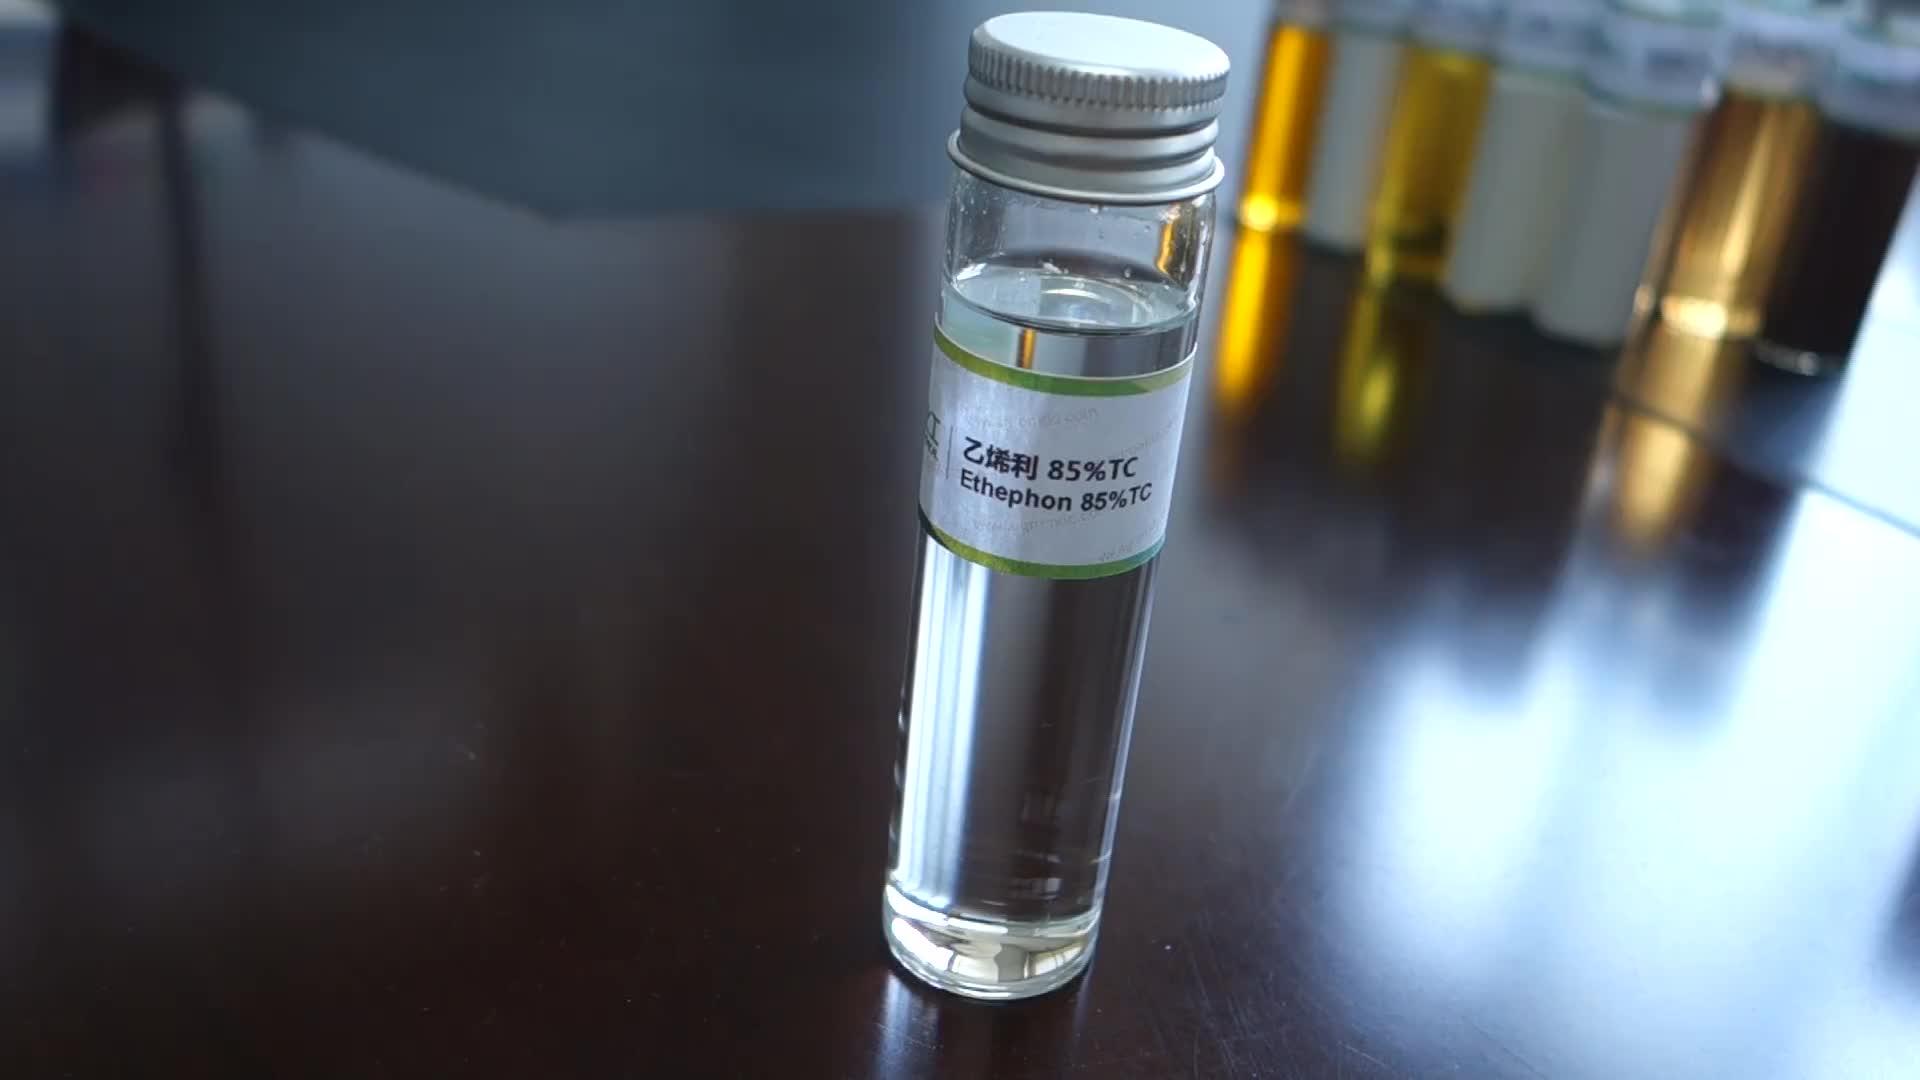 Auf Verkauf! PGR Ethrel 85% TC, Ethephonschädlingsbekämpfungsmittel agrochemisch, Betriebsregler